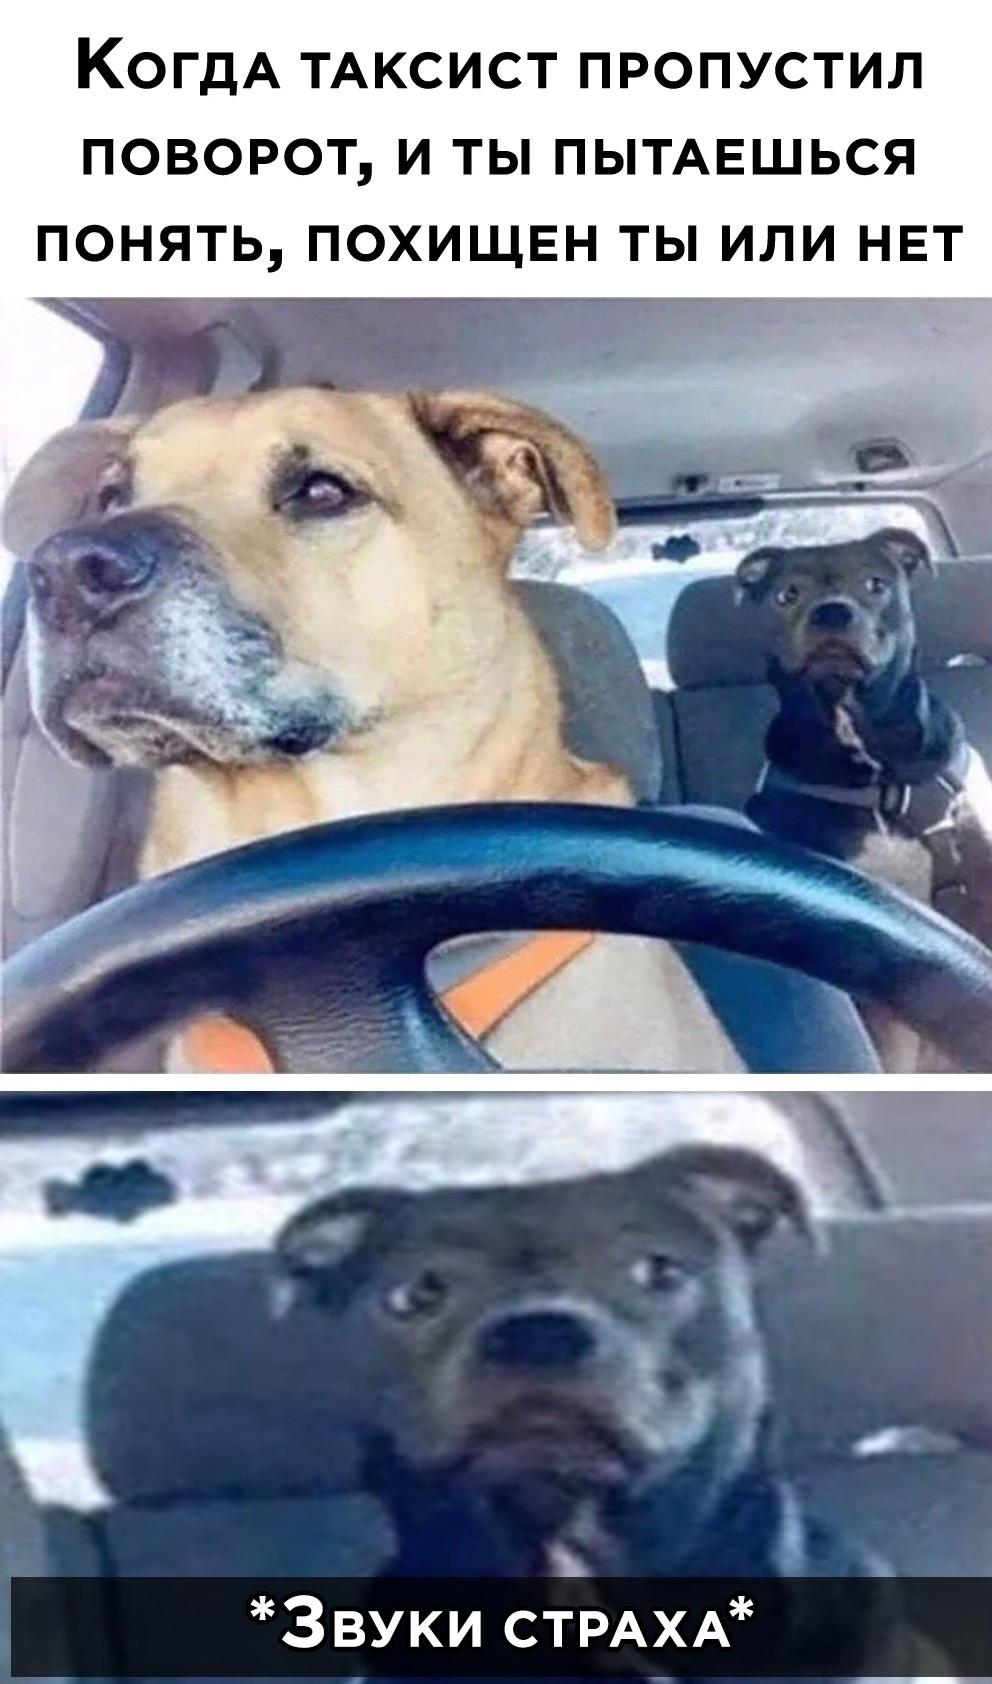 Смешные мемы с животными